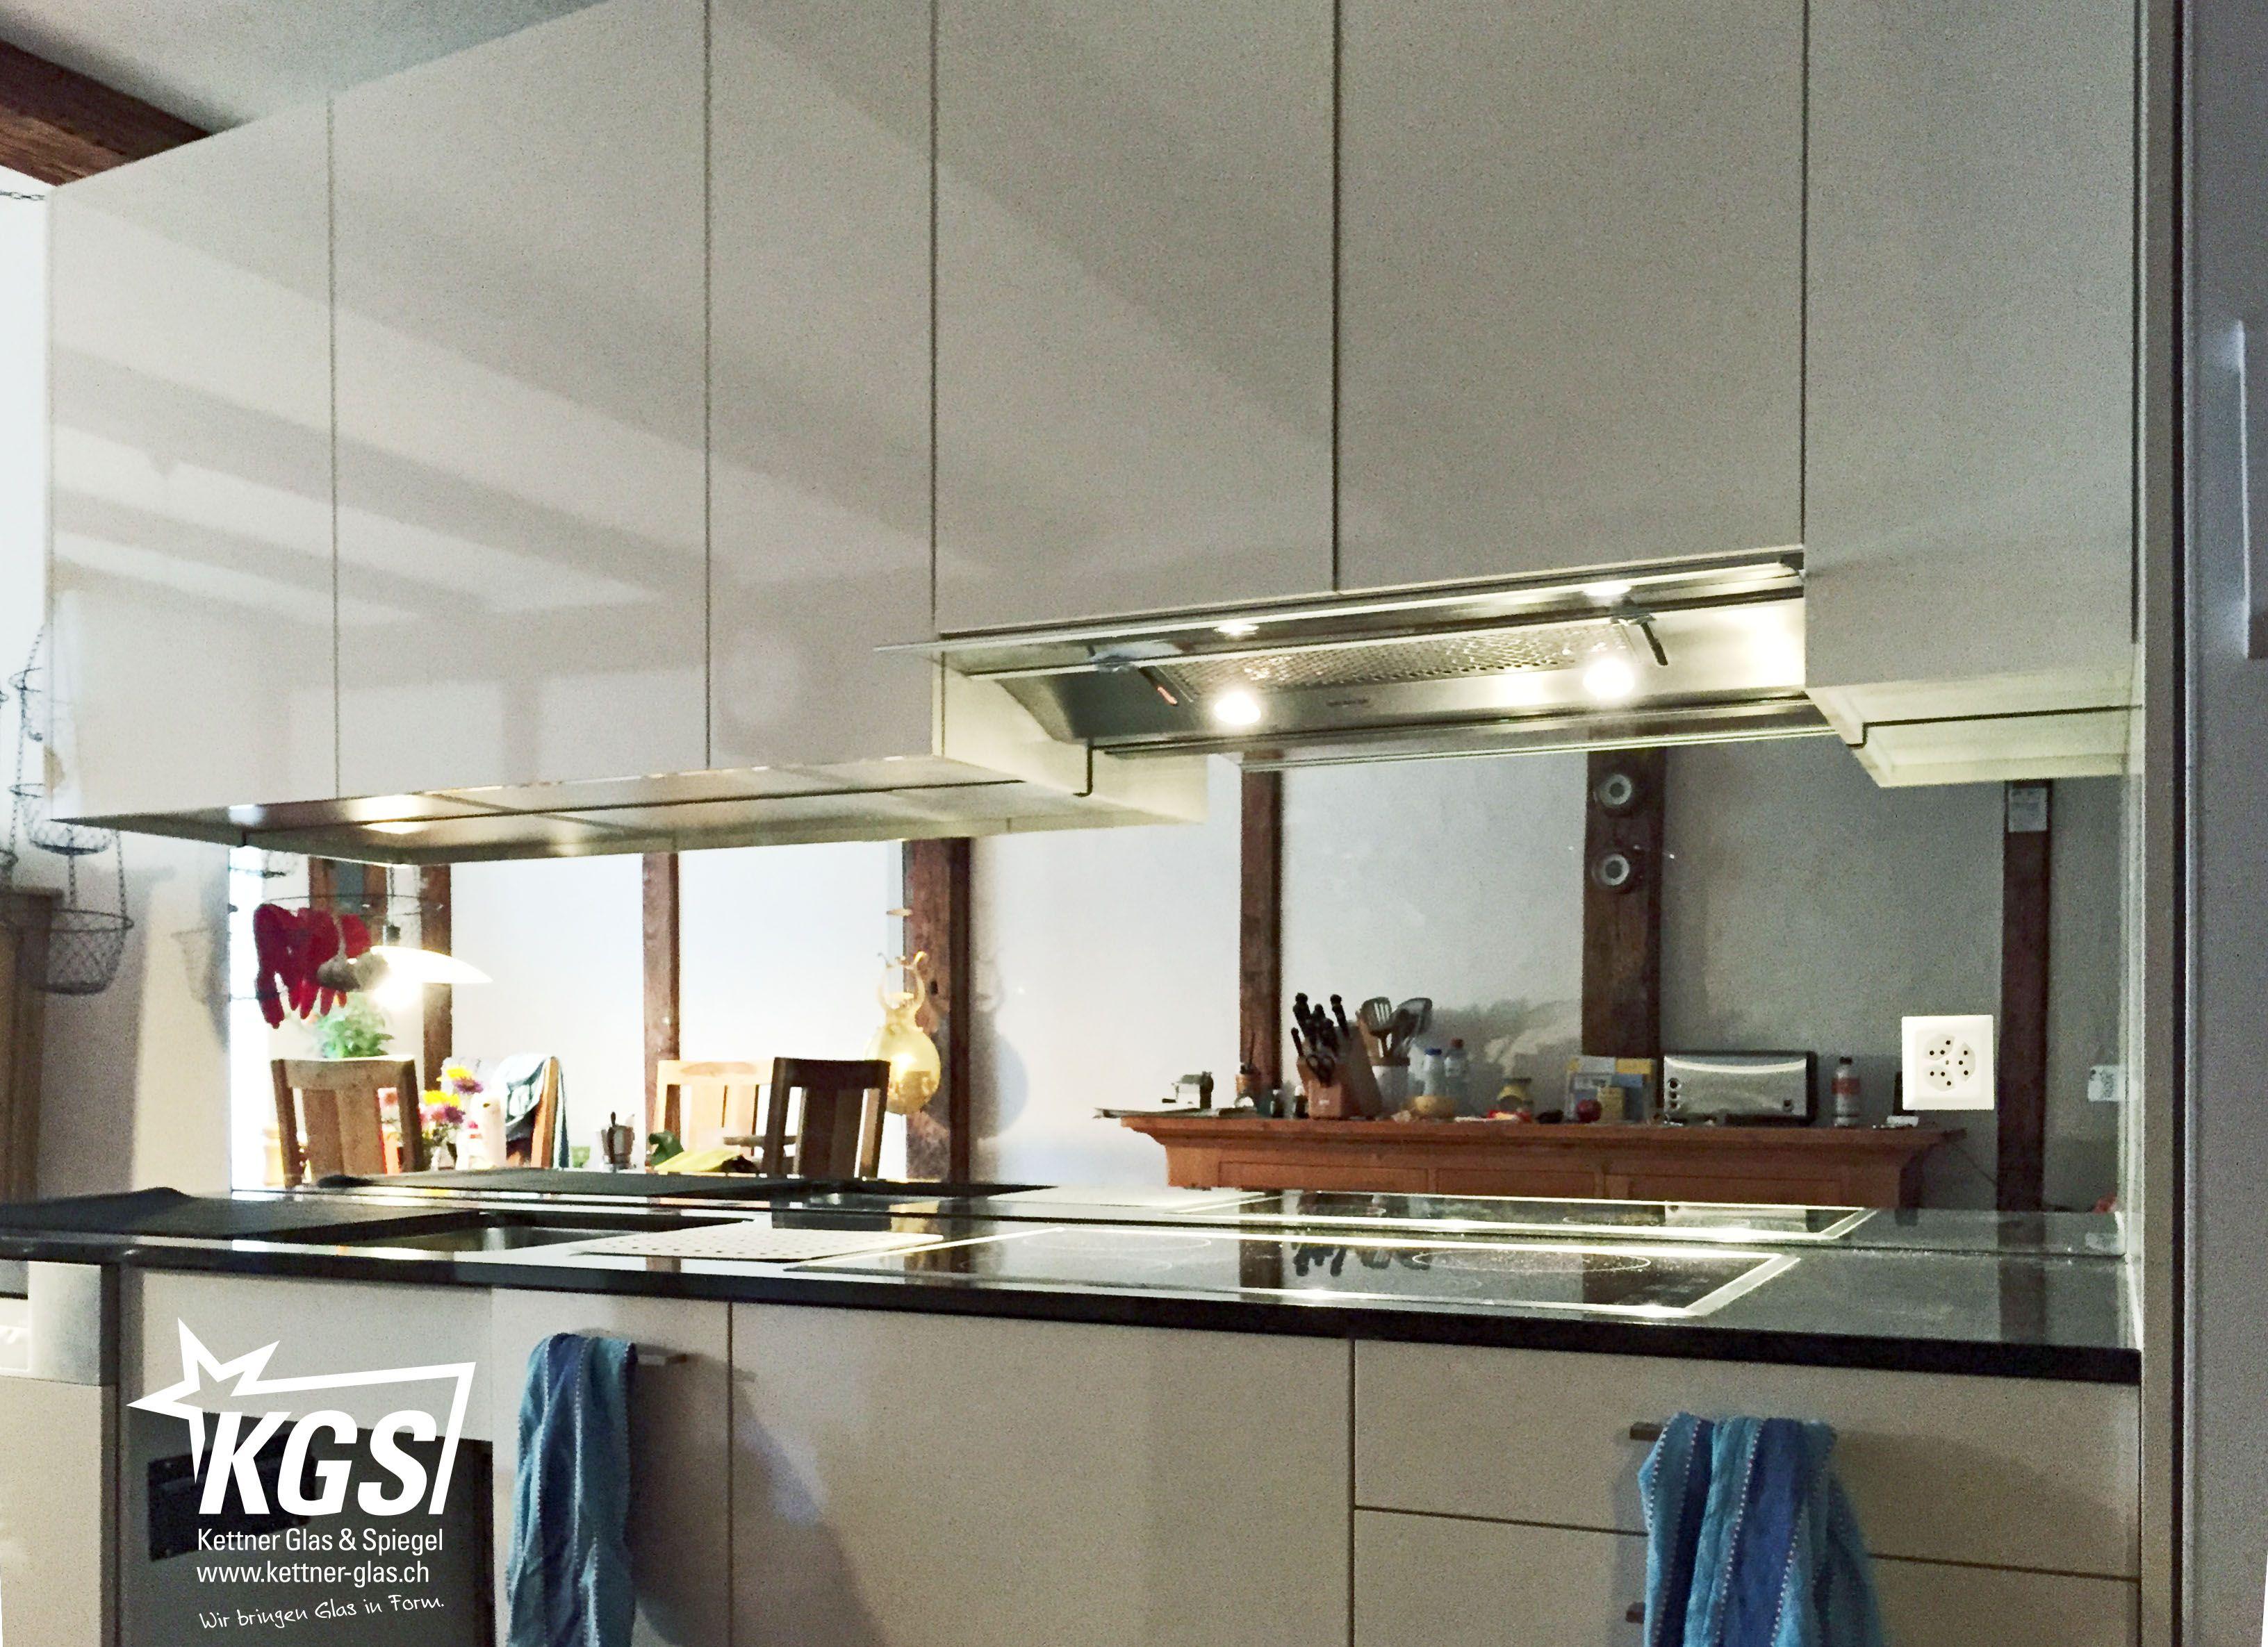 Stunning Küchenspiegel Selber Machen Pictures - House Design Ideas ...